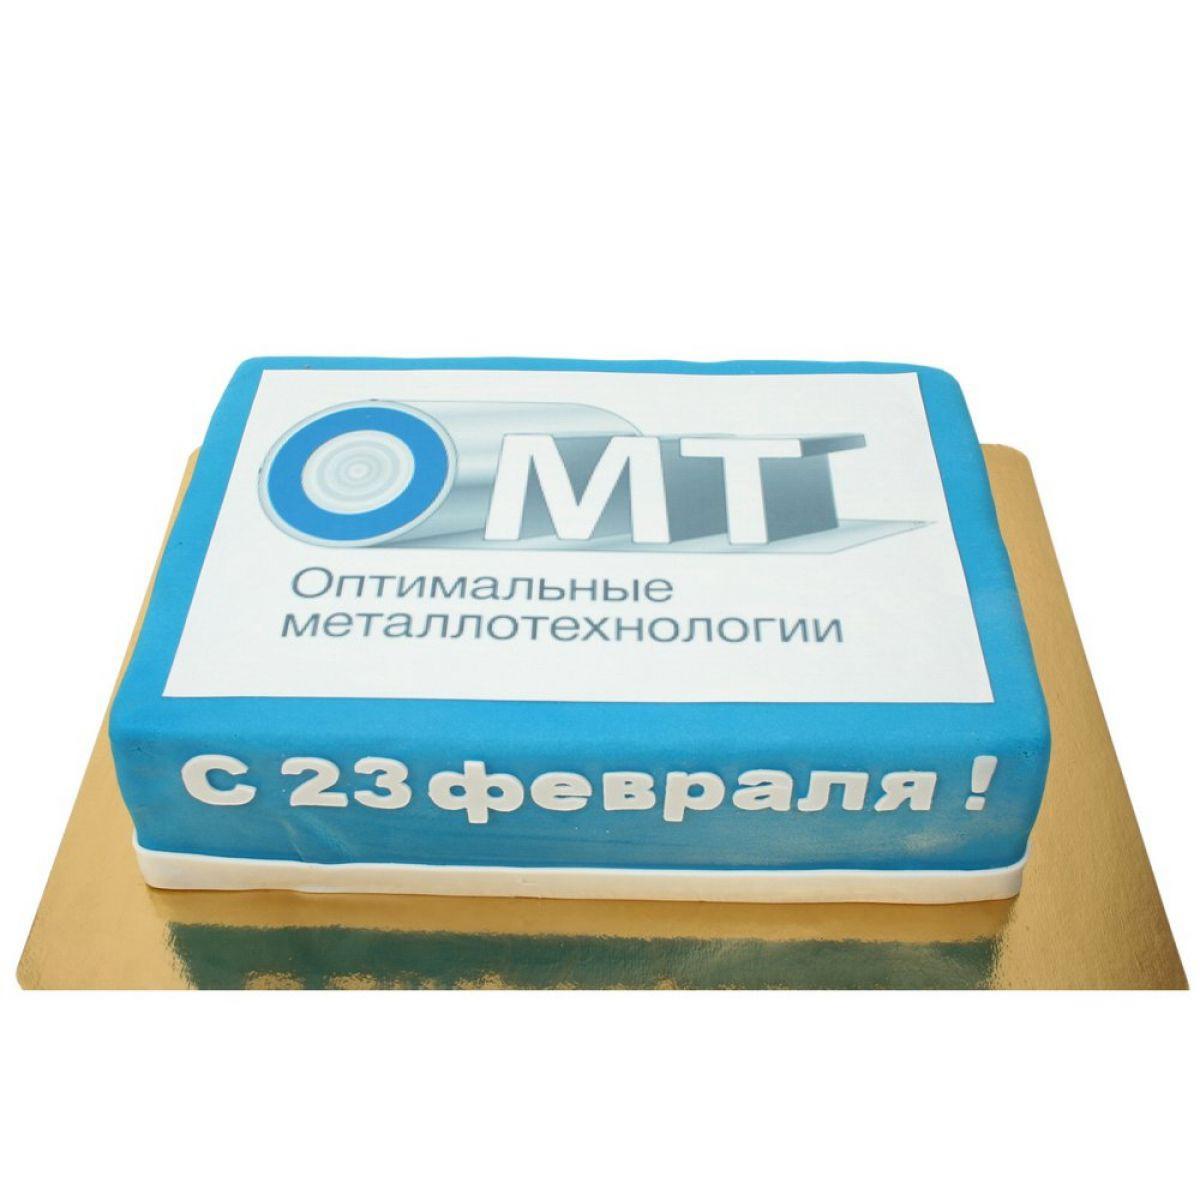 №969 Торт металл